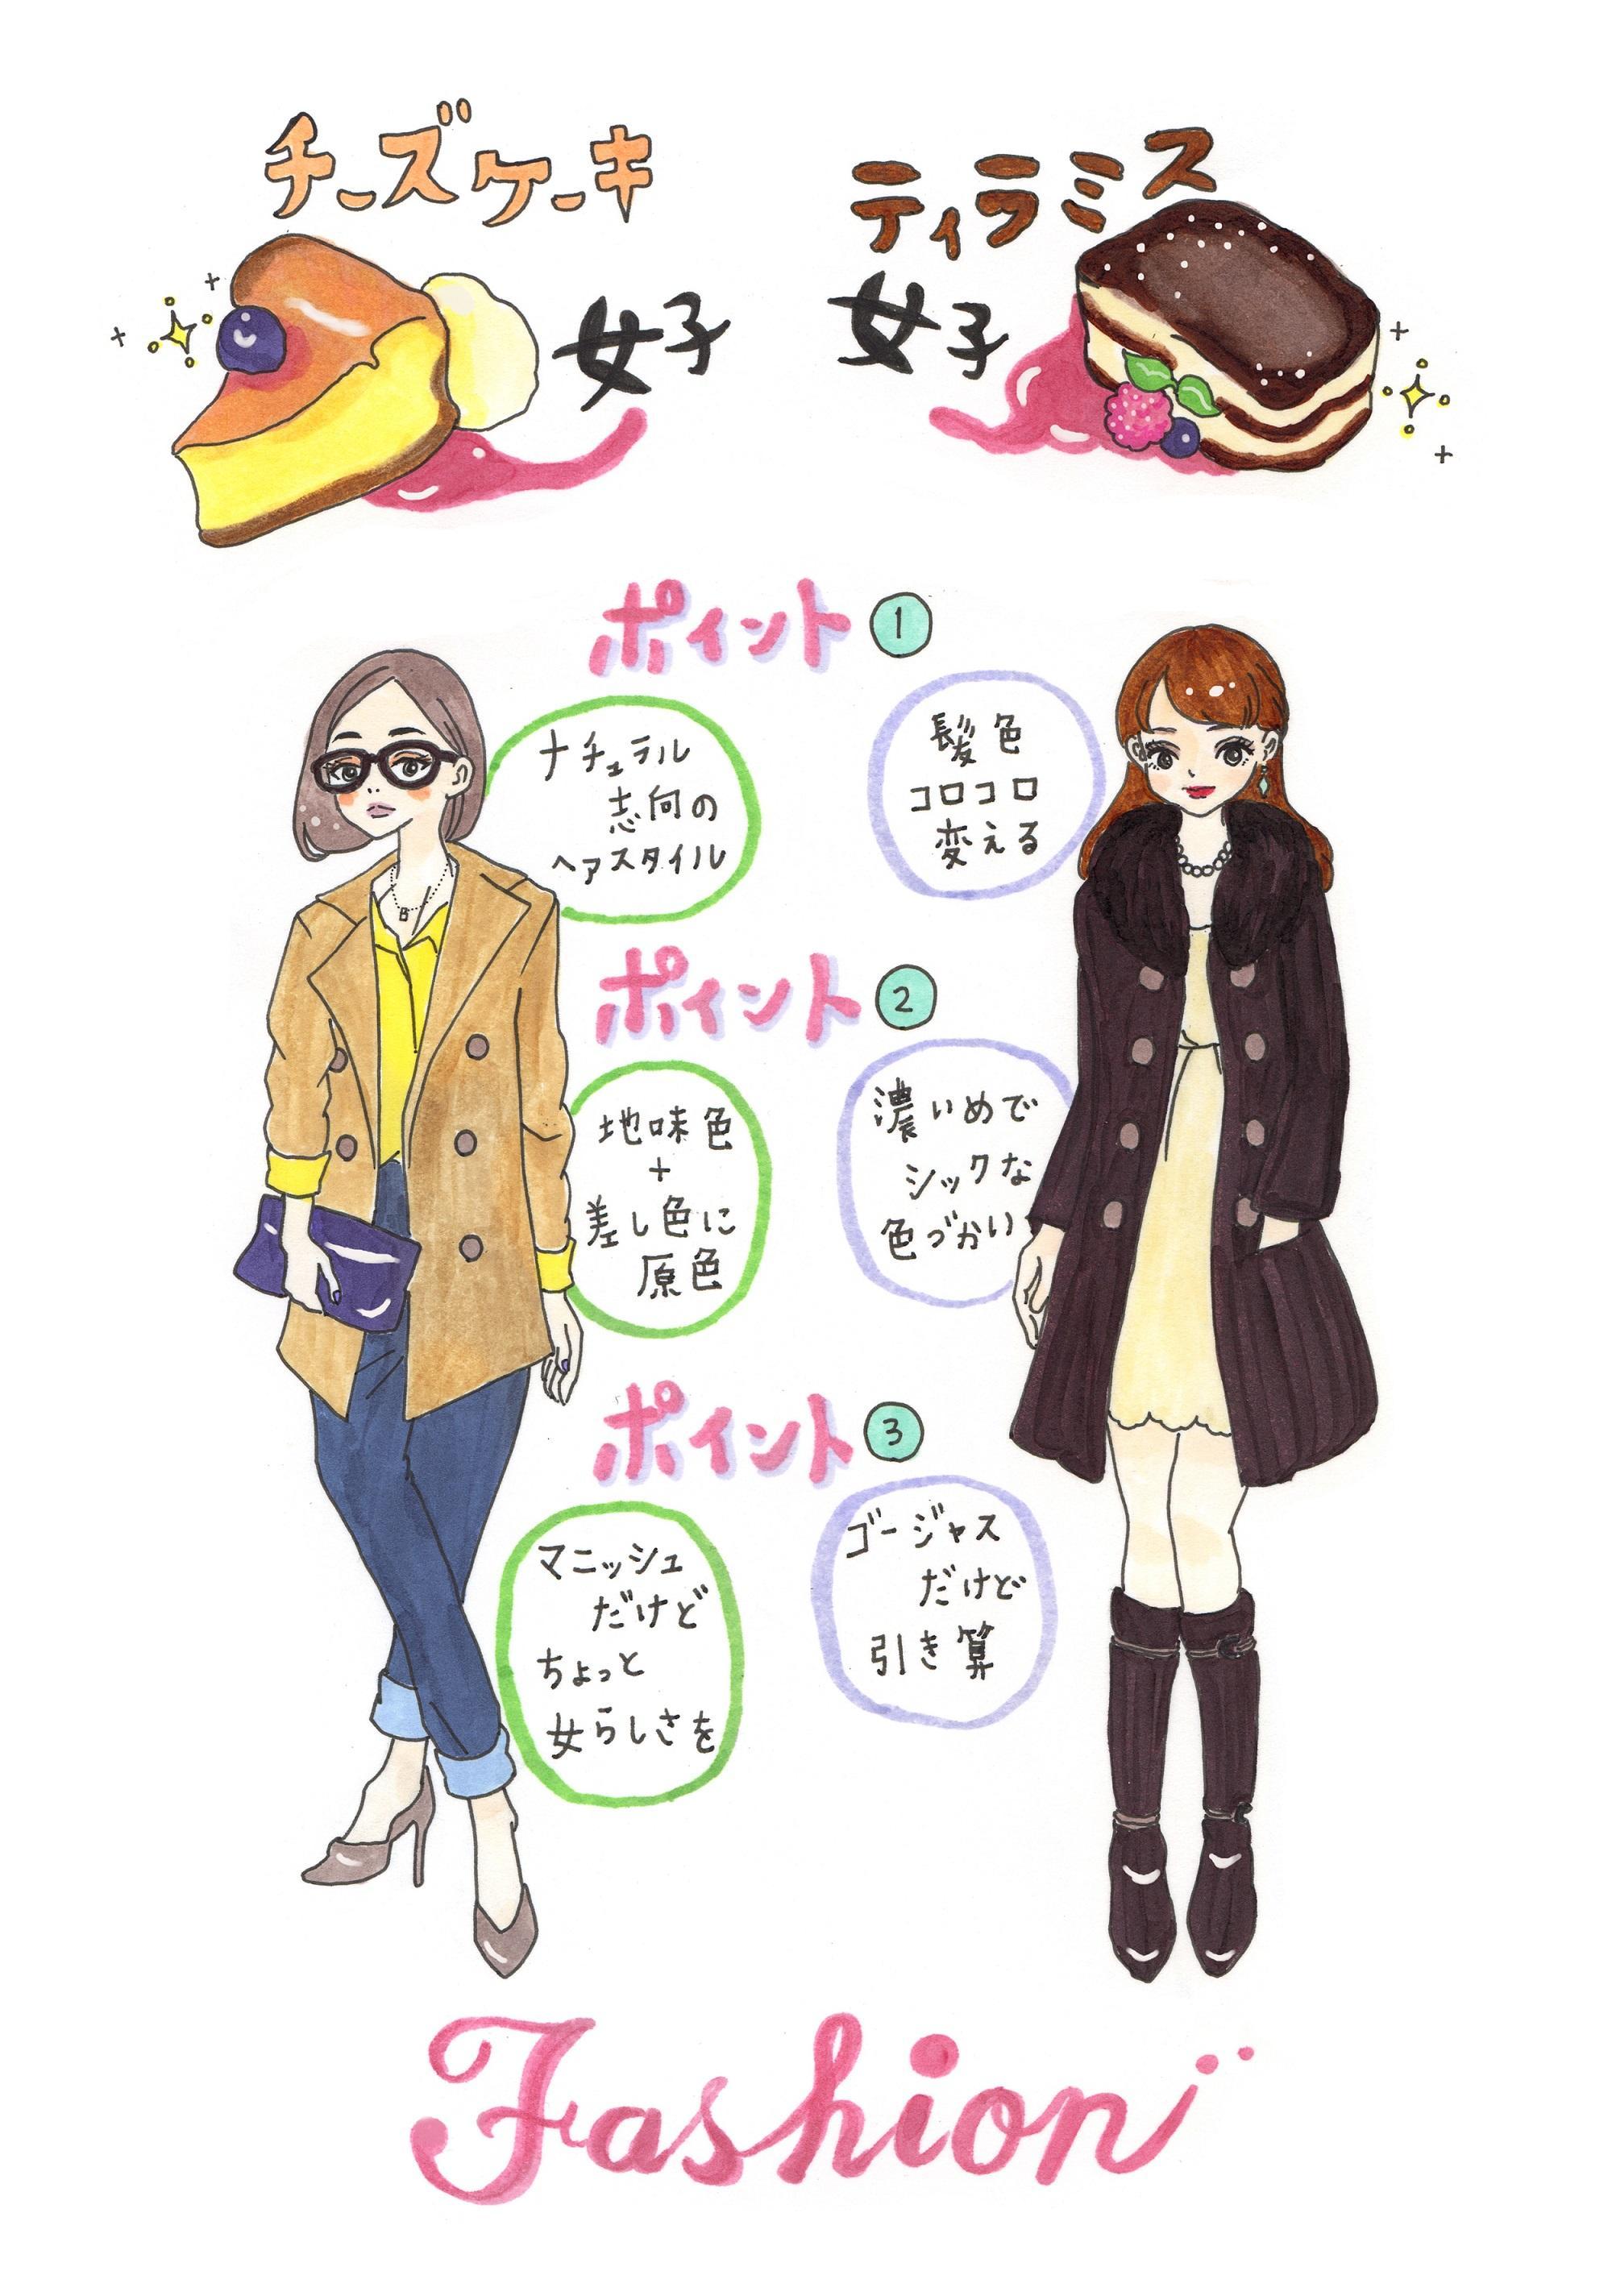 オシャレで知的。才色兼備女子のファッションと恋愛のクセ【イラスト